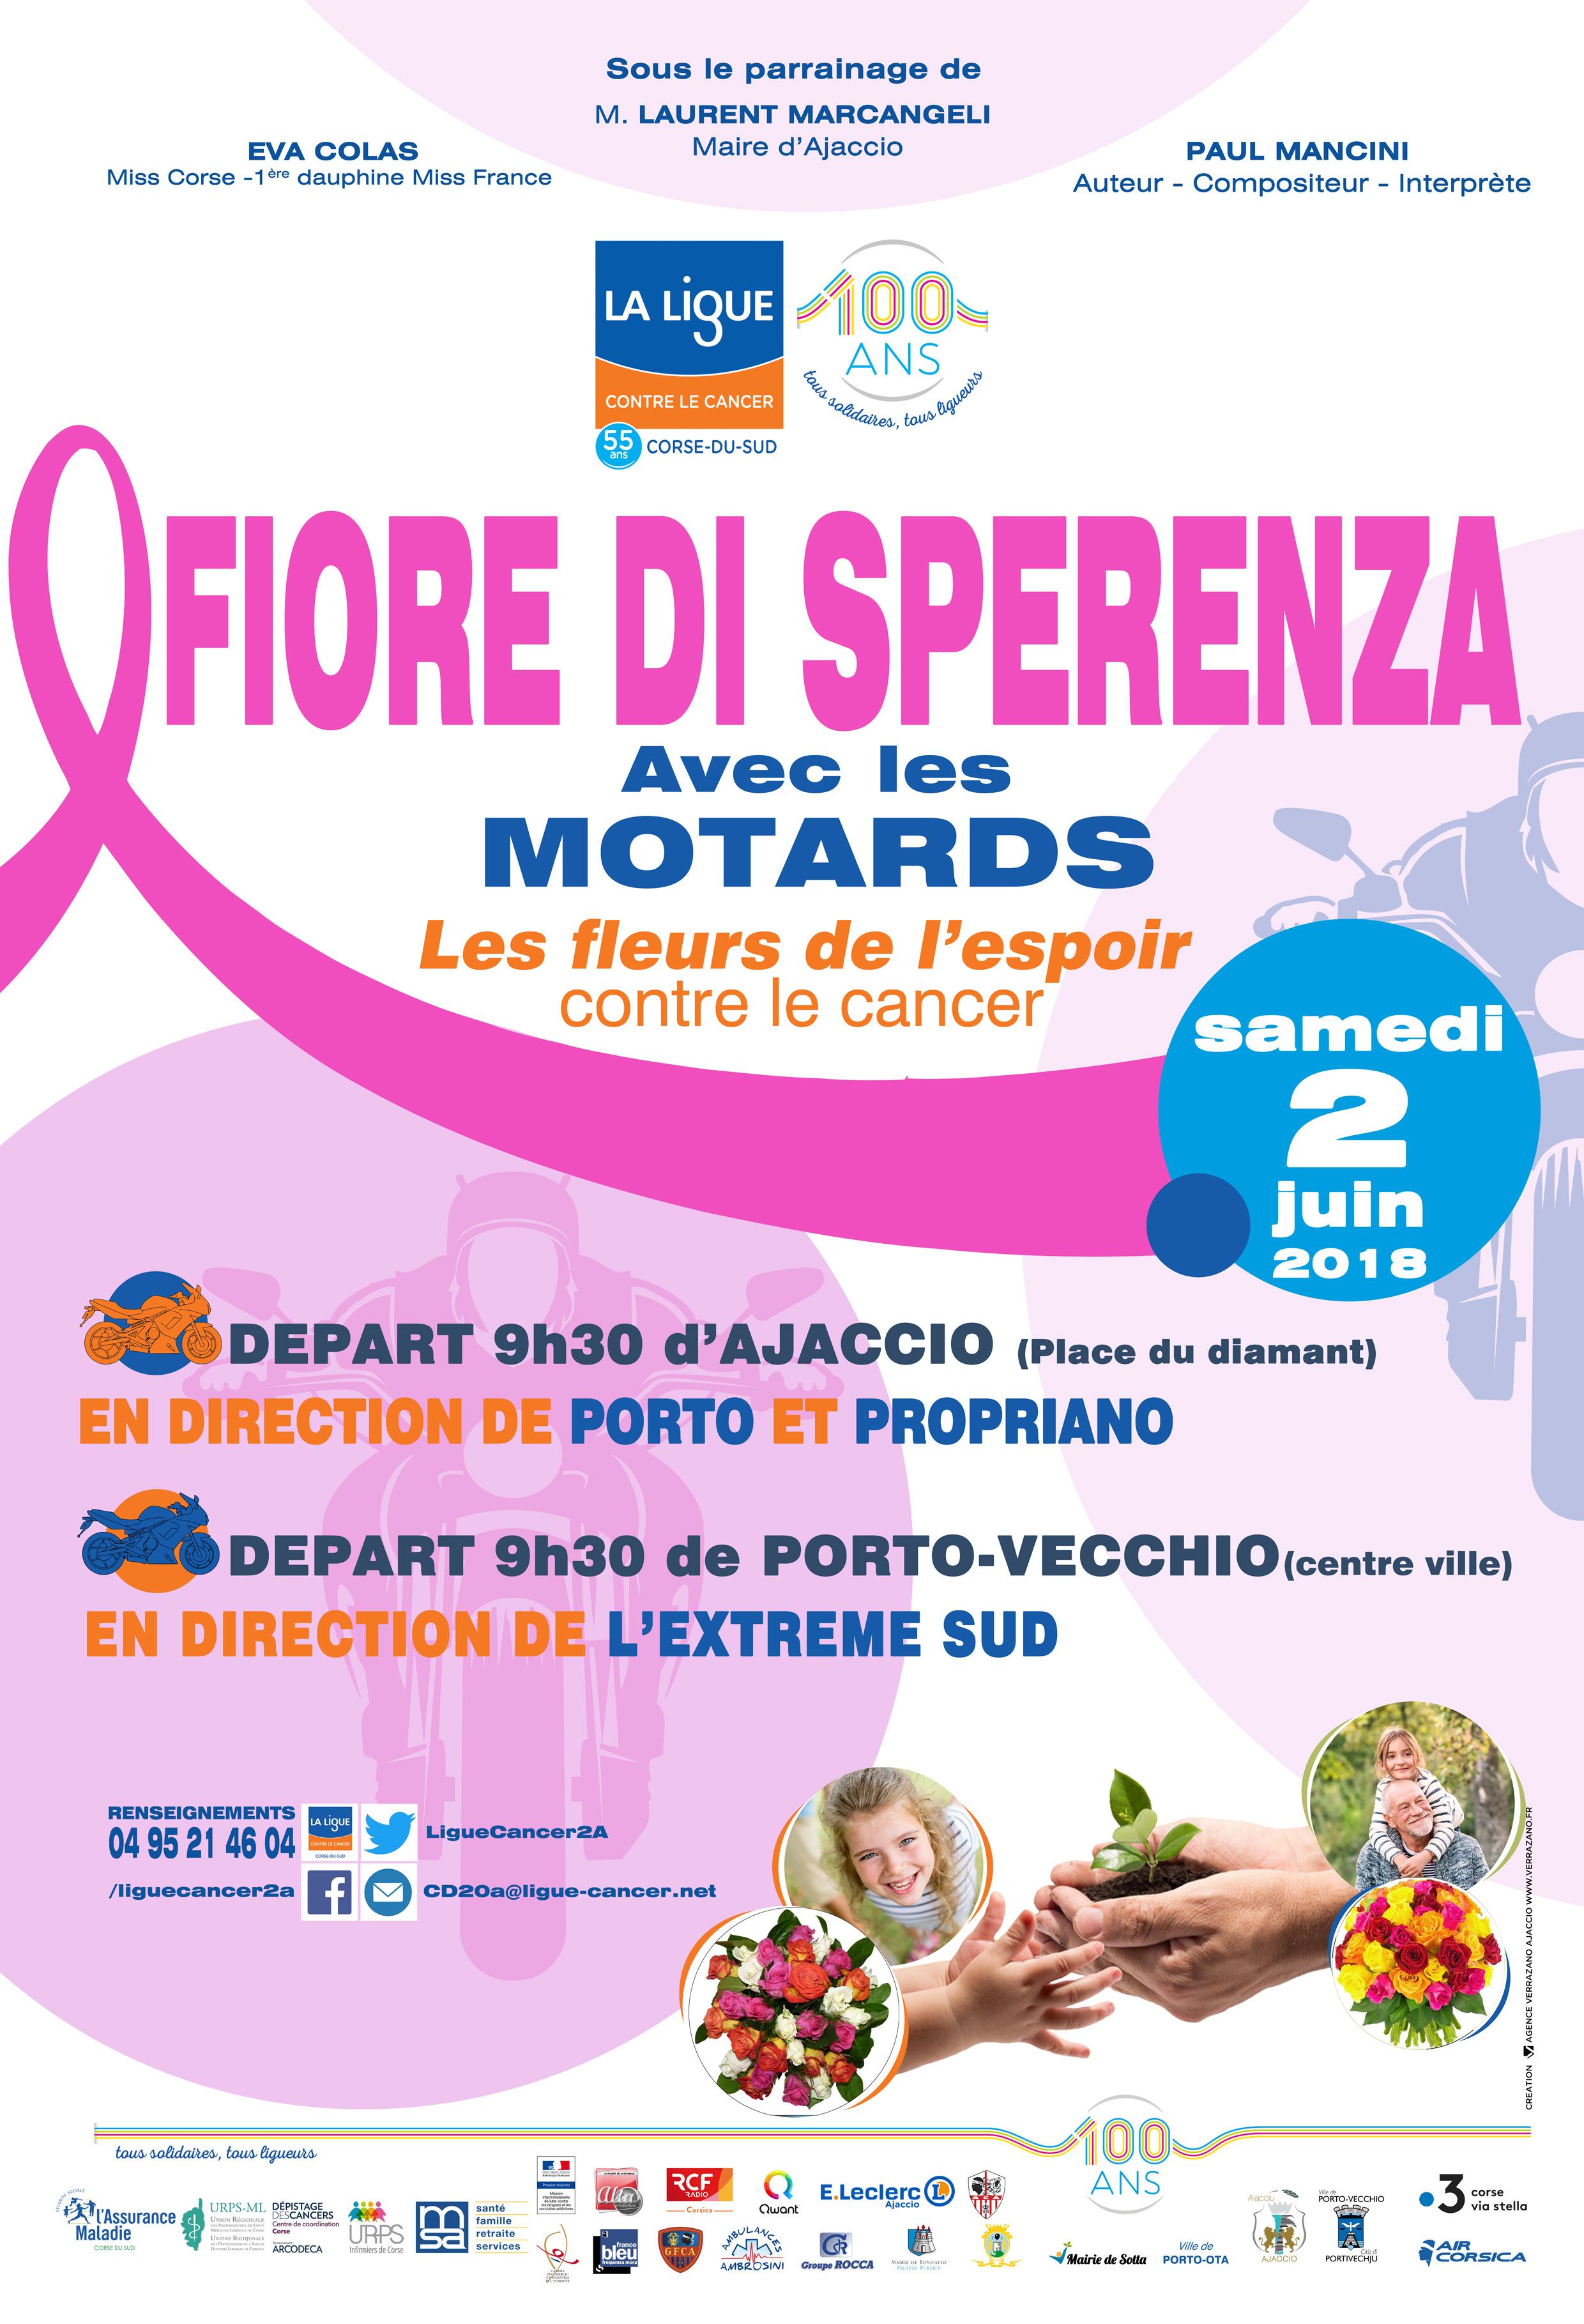 """Manifestation solidaire : Fiore di speranza avec la ligue contre le cancer et les motards""""une fleur d'espérance contre le cancer Samedi 2 juin"""